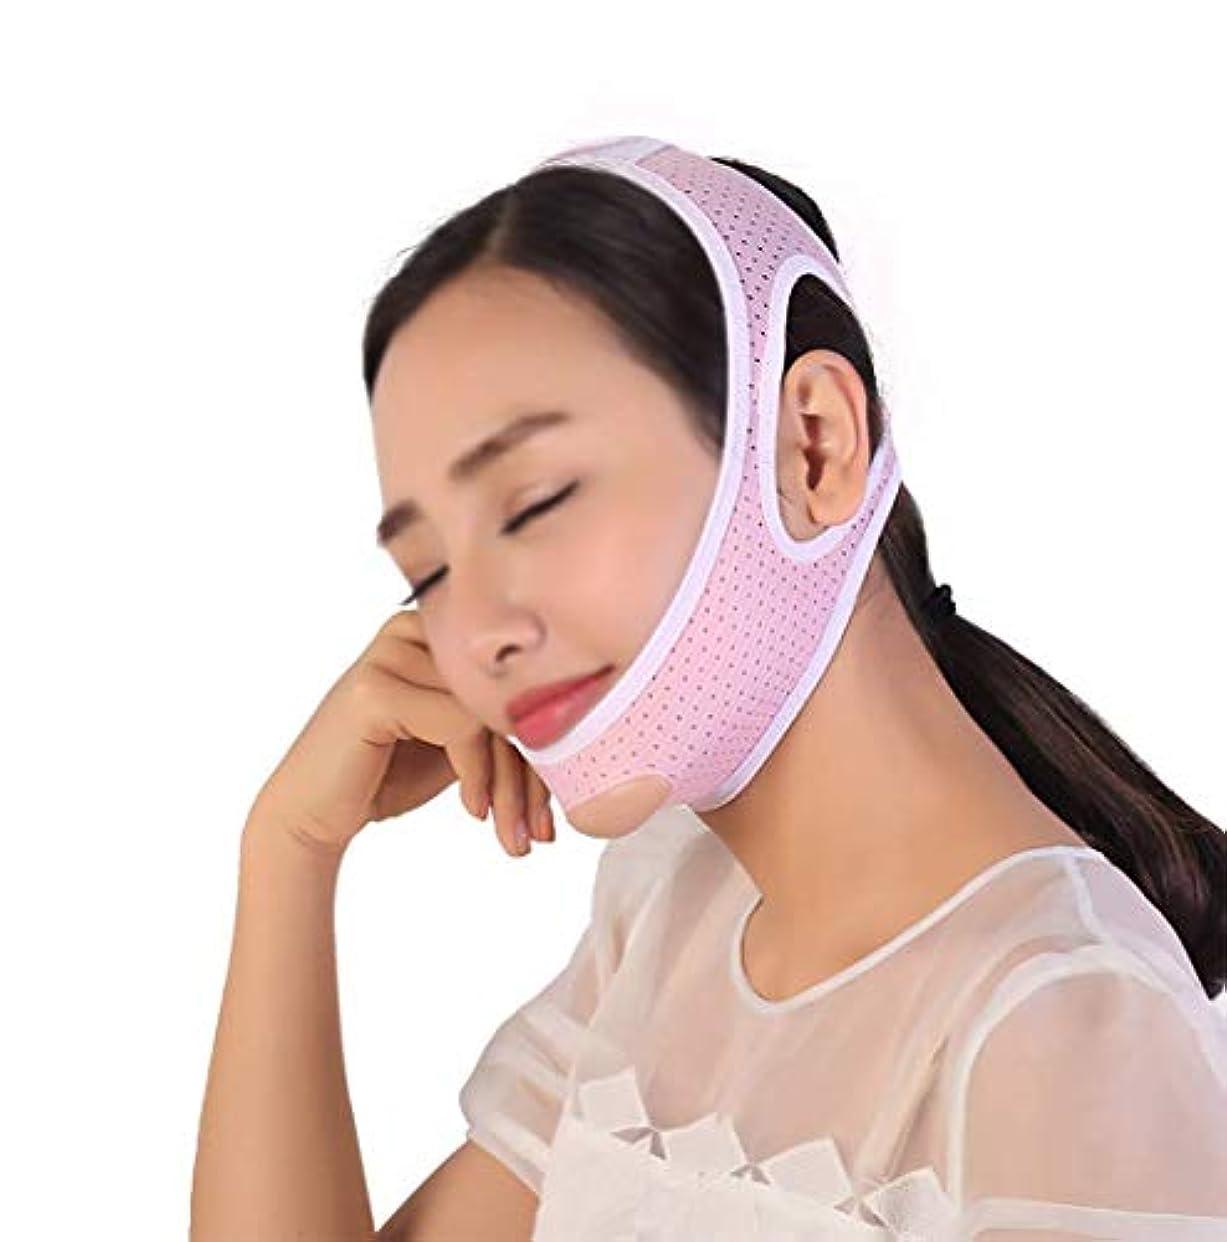 請求書平日バランスのとれたフェイスリフトフェイシャル、肌のリラクゼーションを防ぐためのタイトなVフェイスマスクVフェイスアーティファクトフェイスリフトバンデージフェイスケア(サイズ:M)